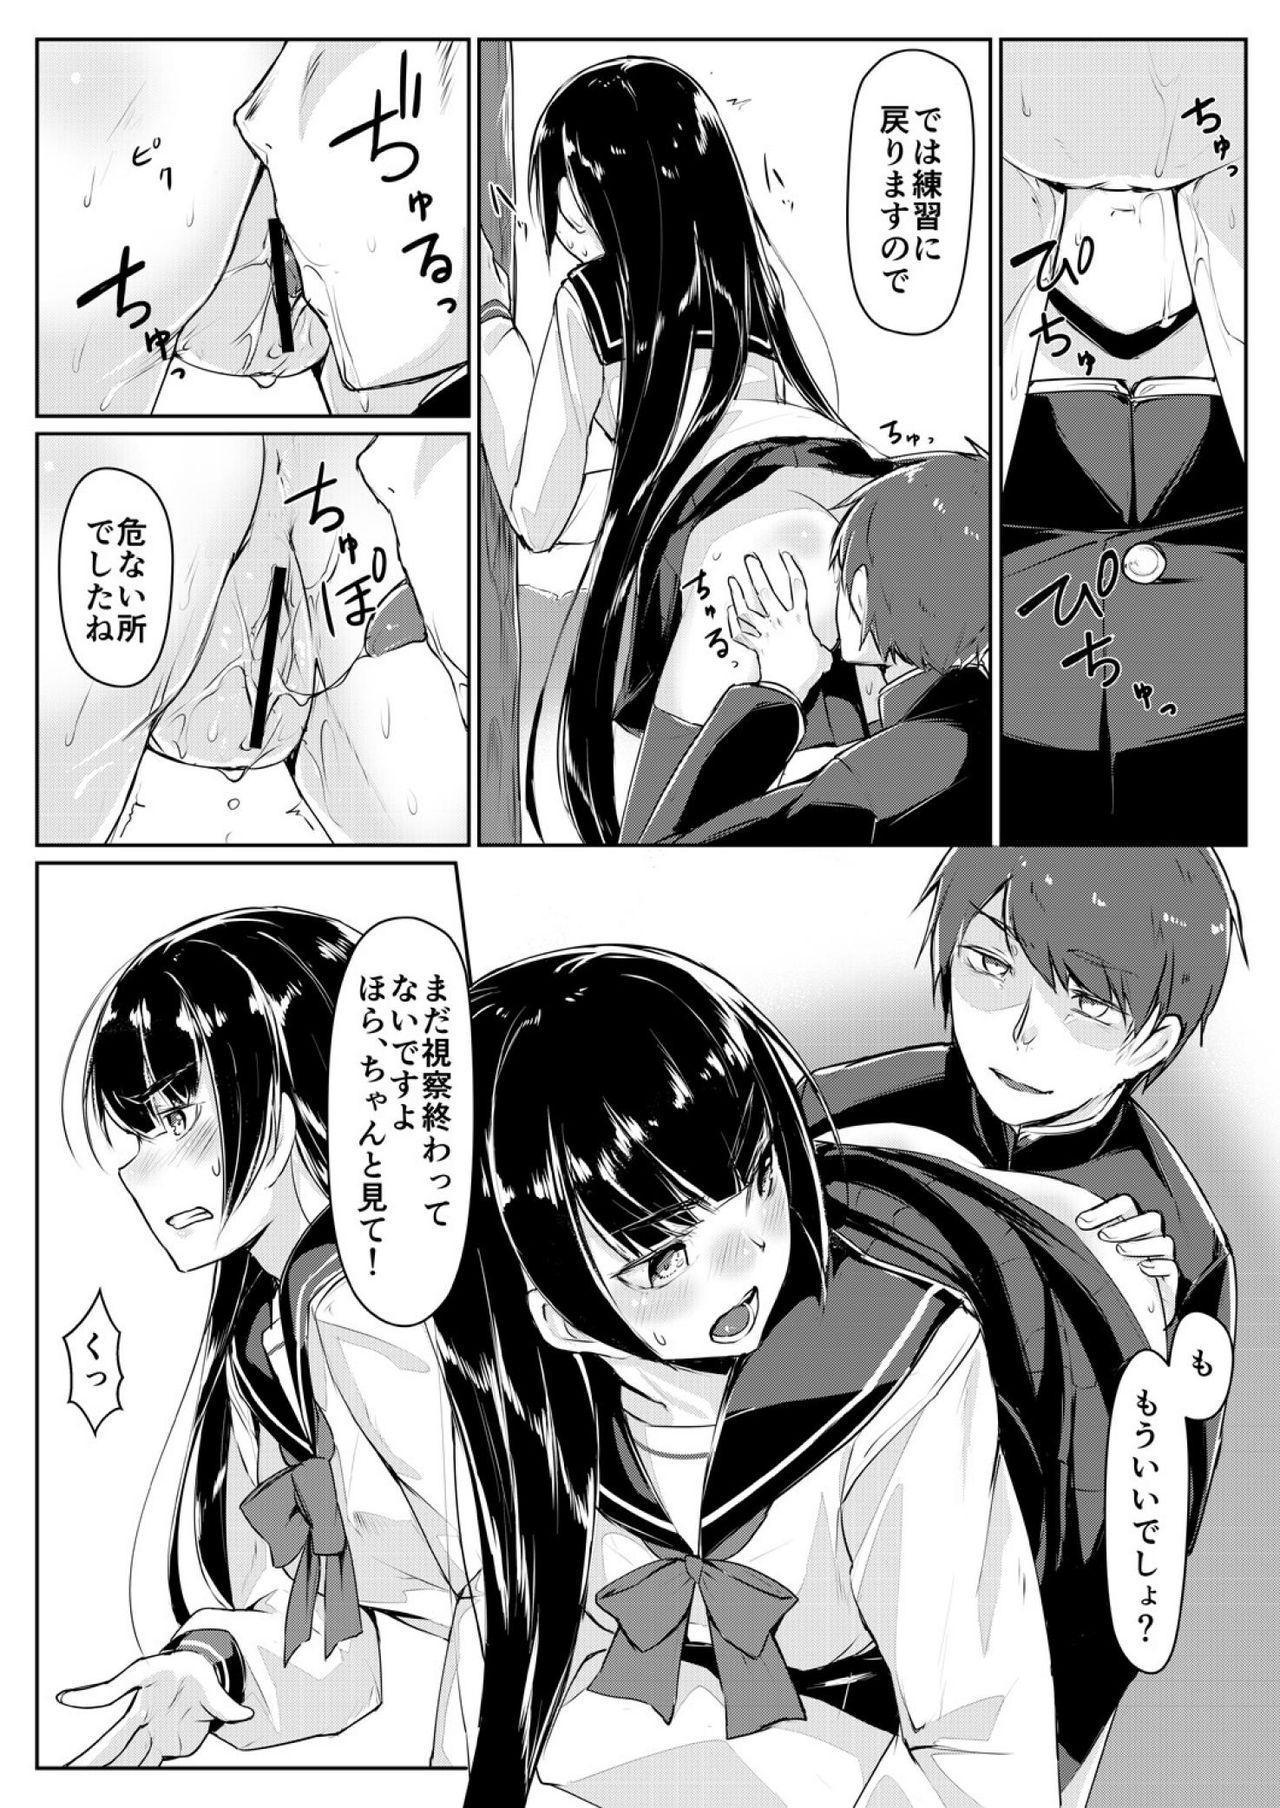 Dosukebe na Seitokaichou o Choukyou Shite yatta ~Minna no Mae de Koukai Onanie!? 3